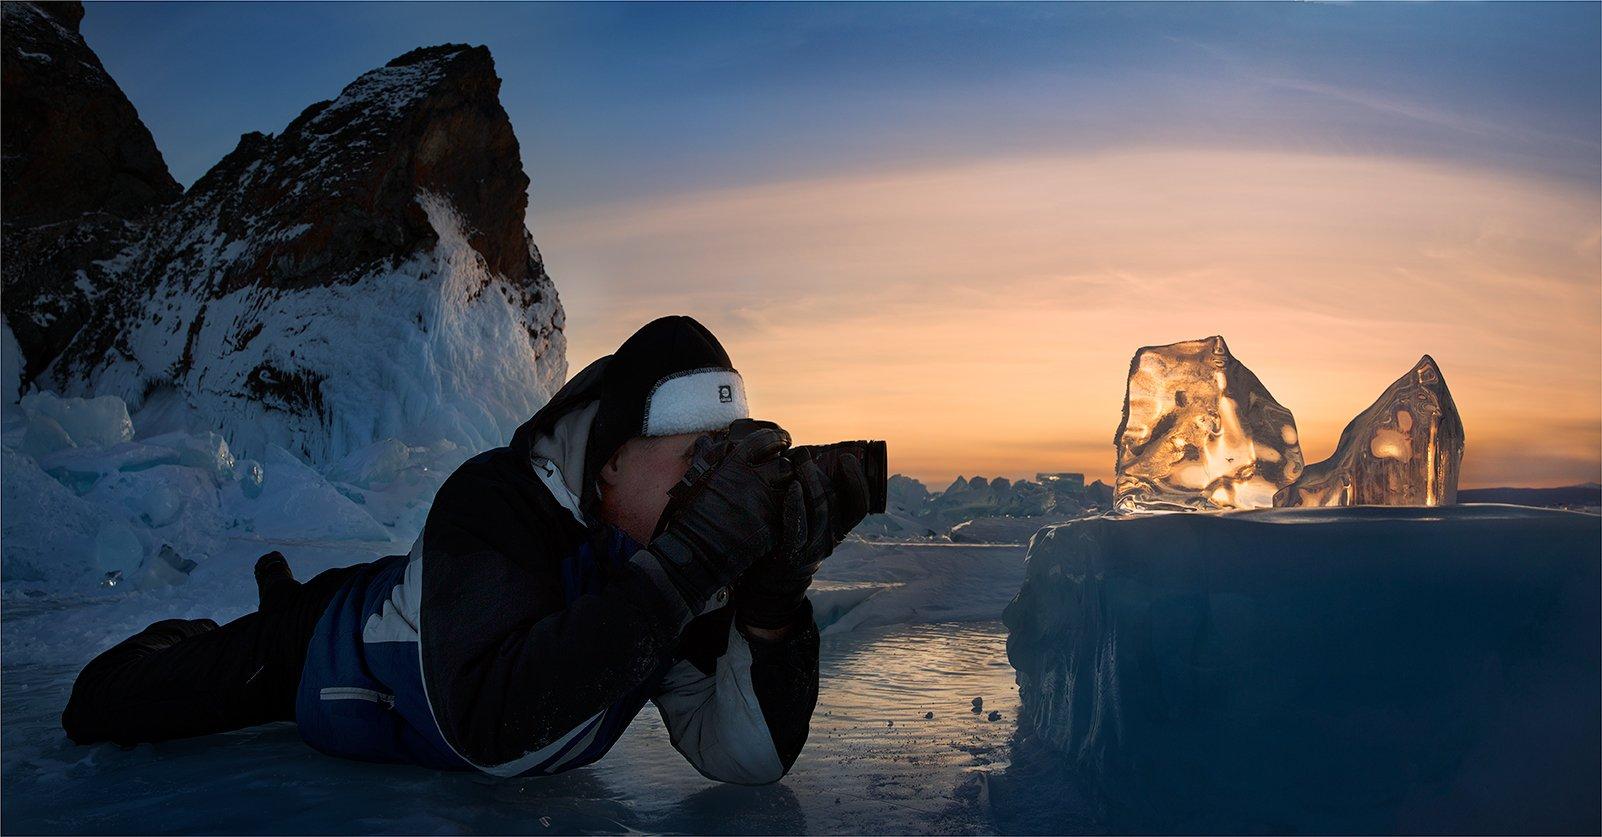 байкал, Yury Pustovoy (artphoto-tour.com)